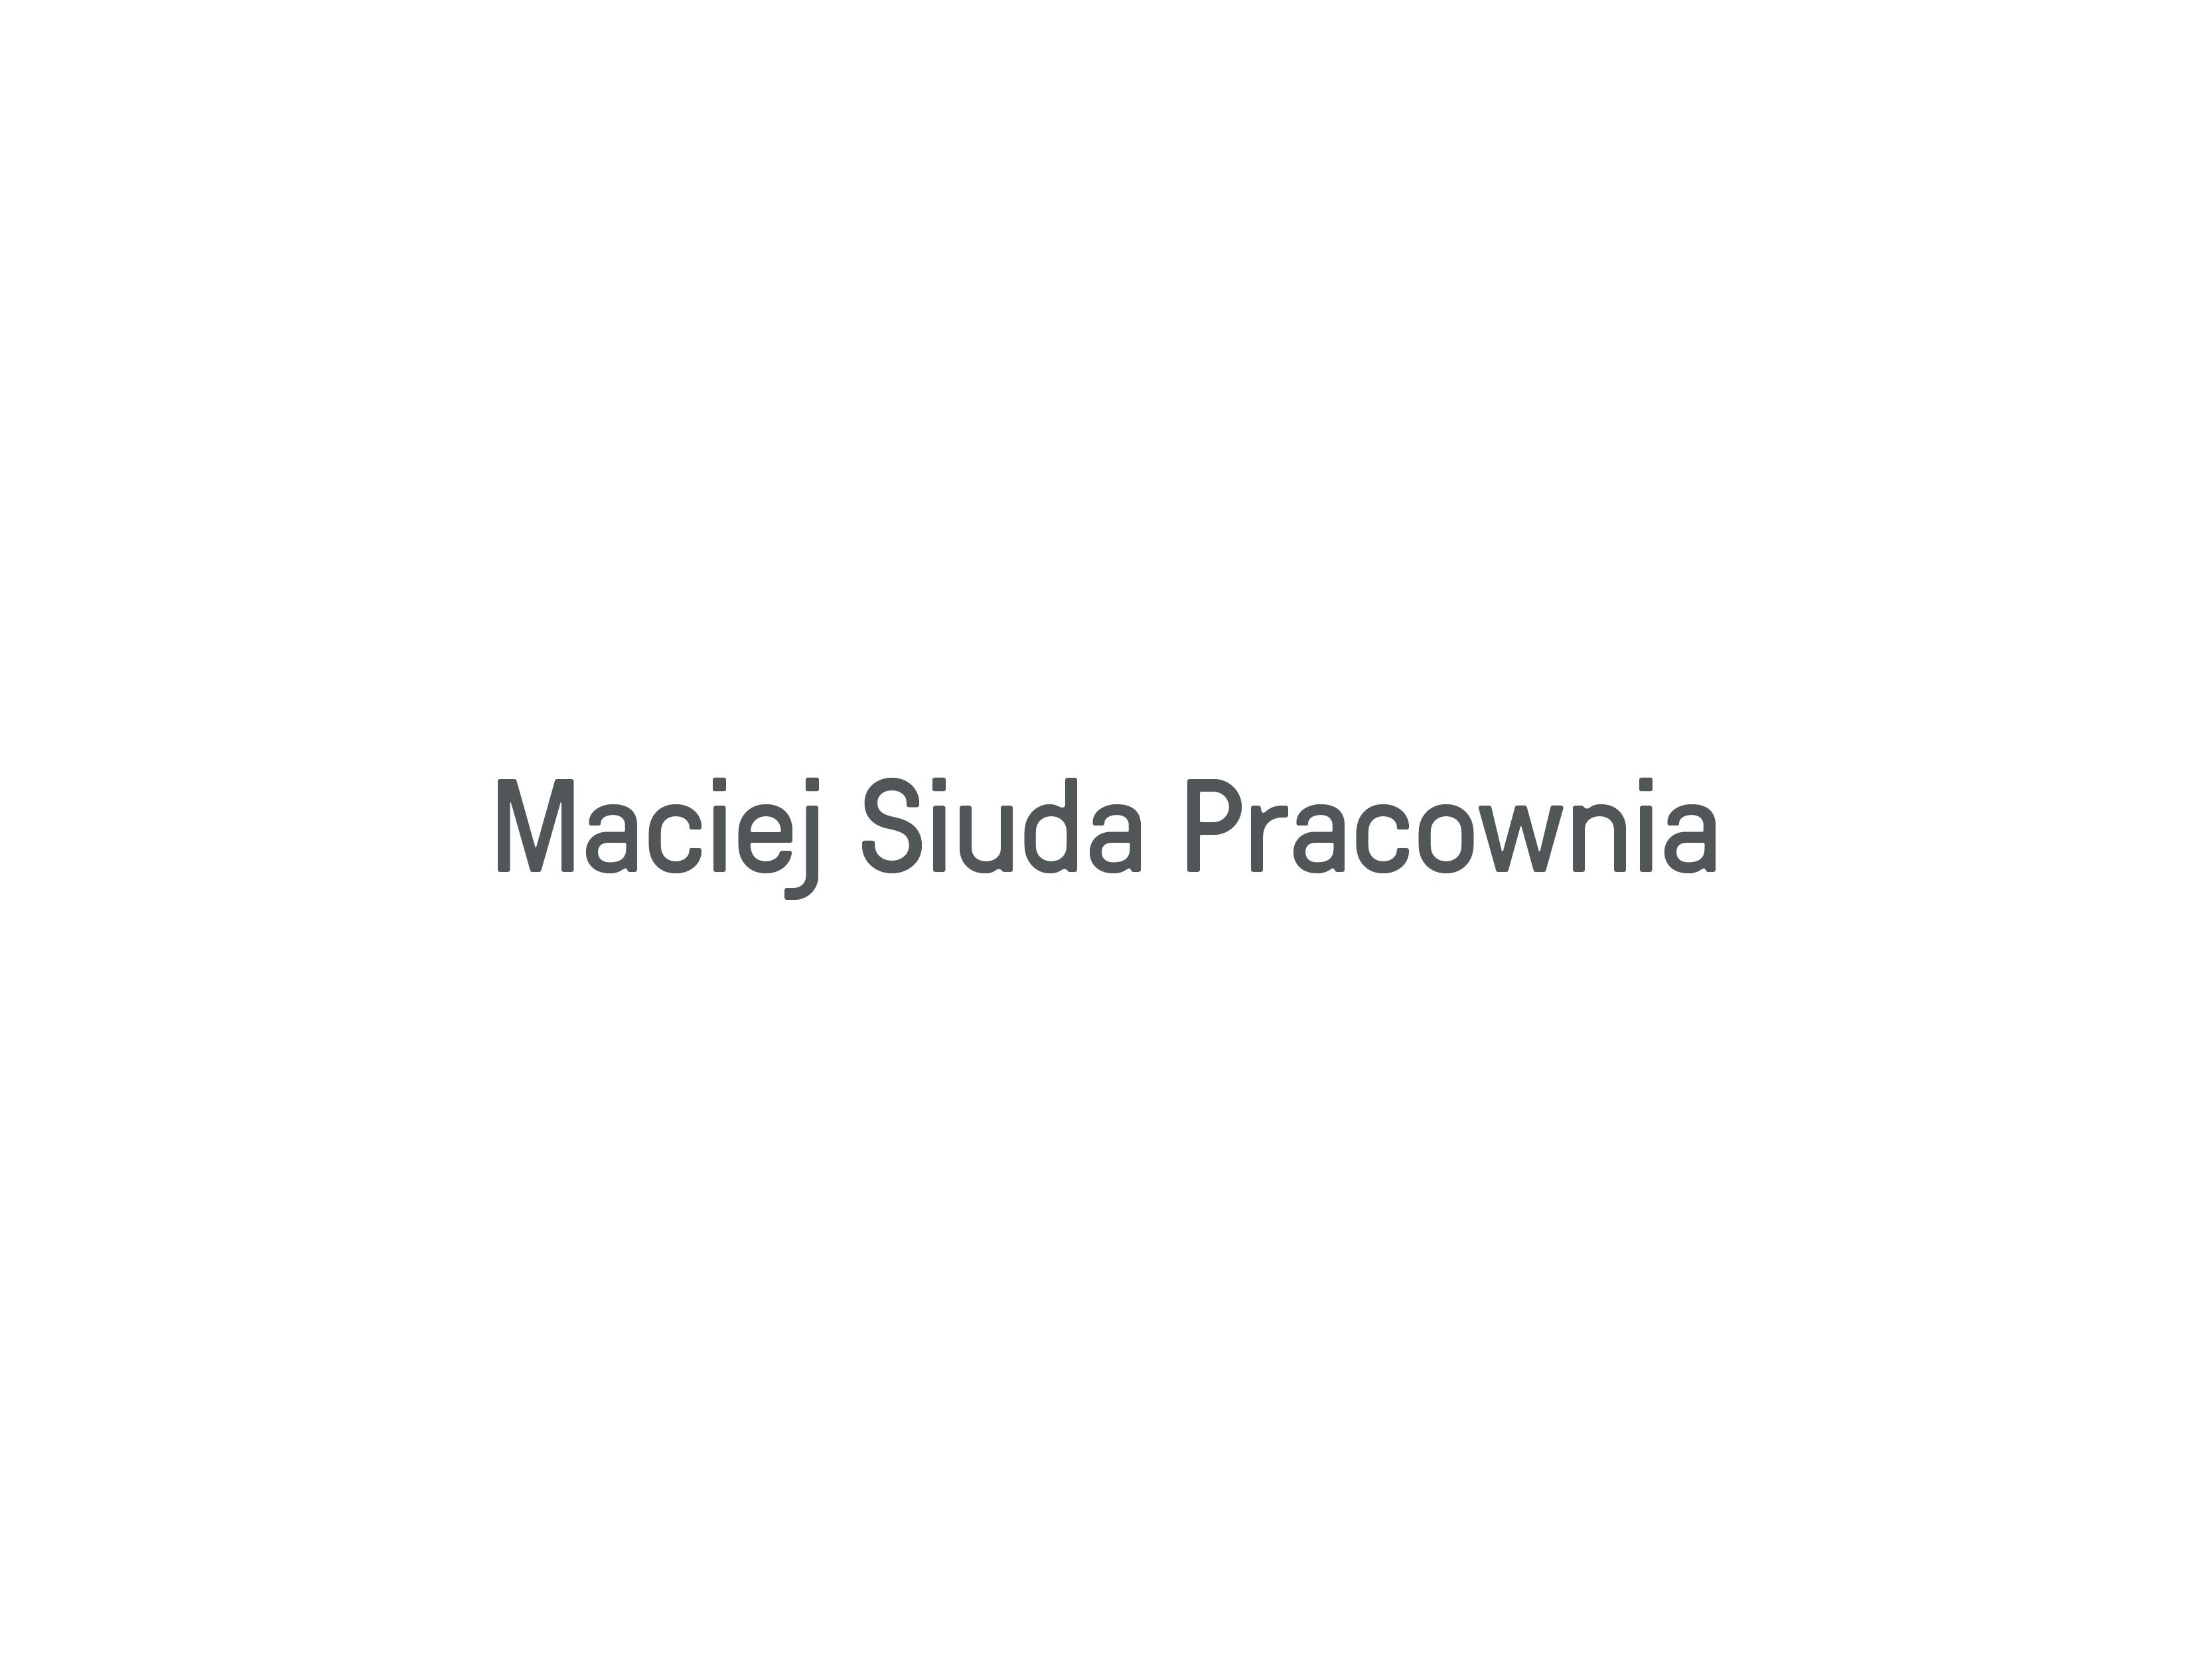 Pracownia Macieja Siudy